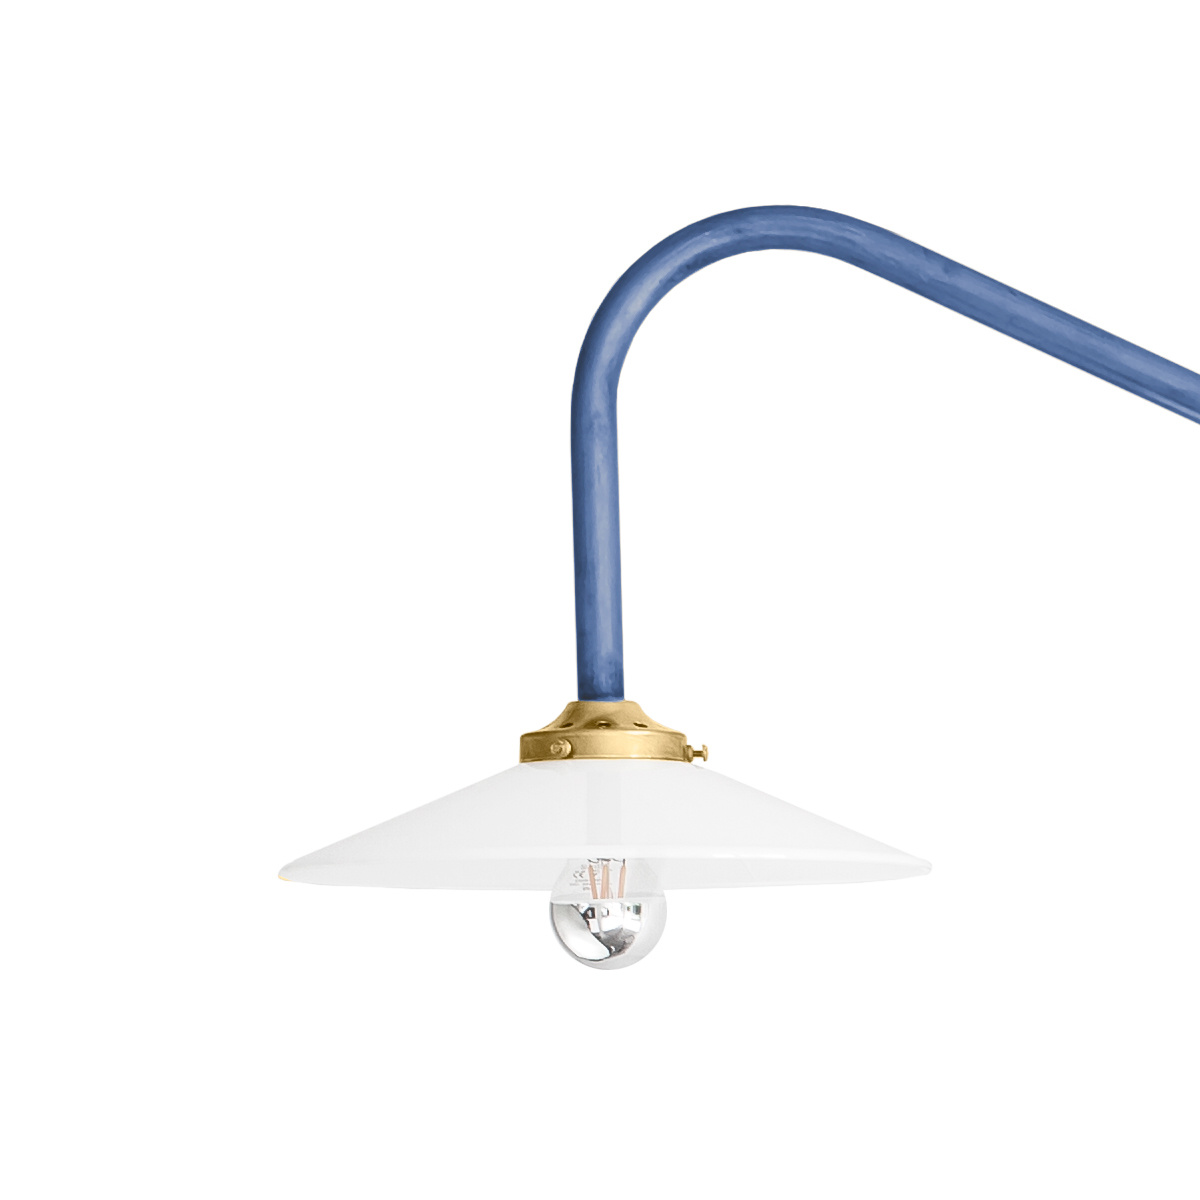 Hanging Lamp No. 1-9